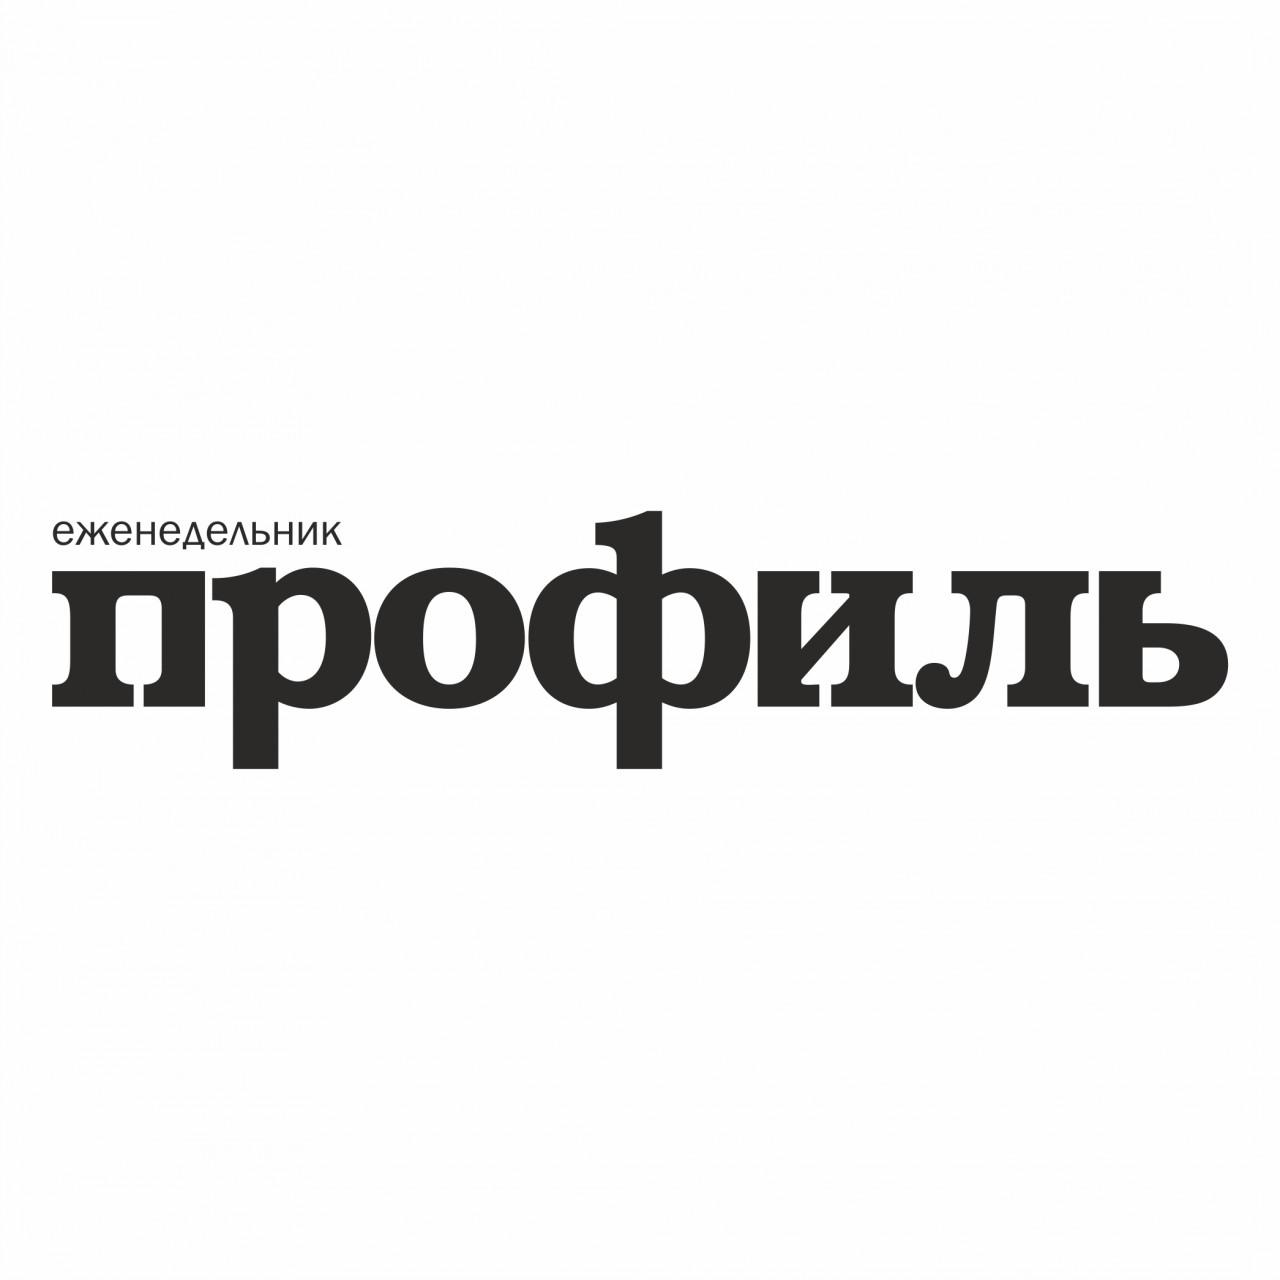 Источник опроверг передачу Сирии российских С-300